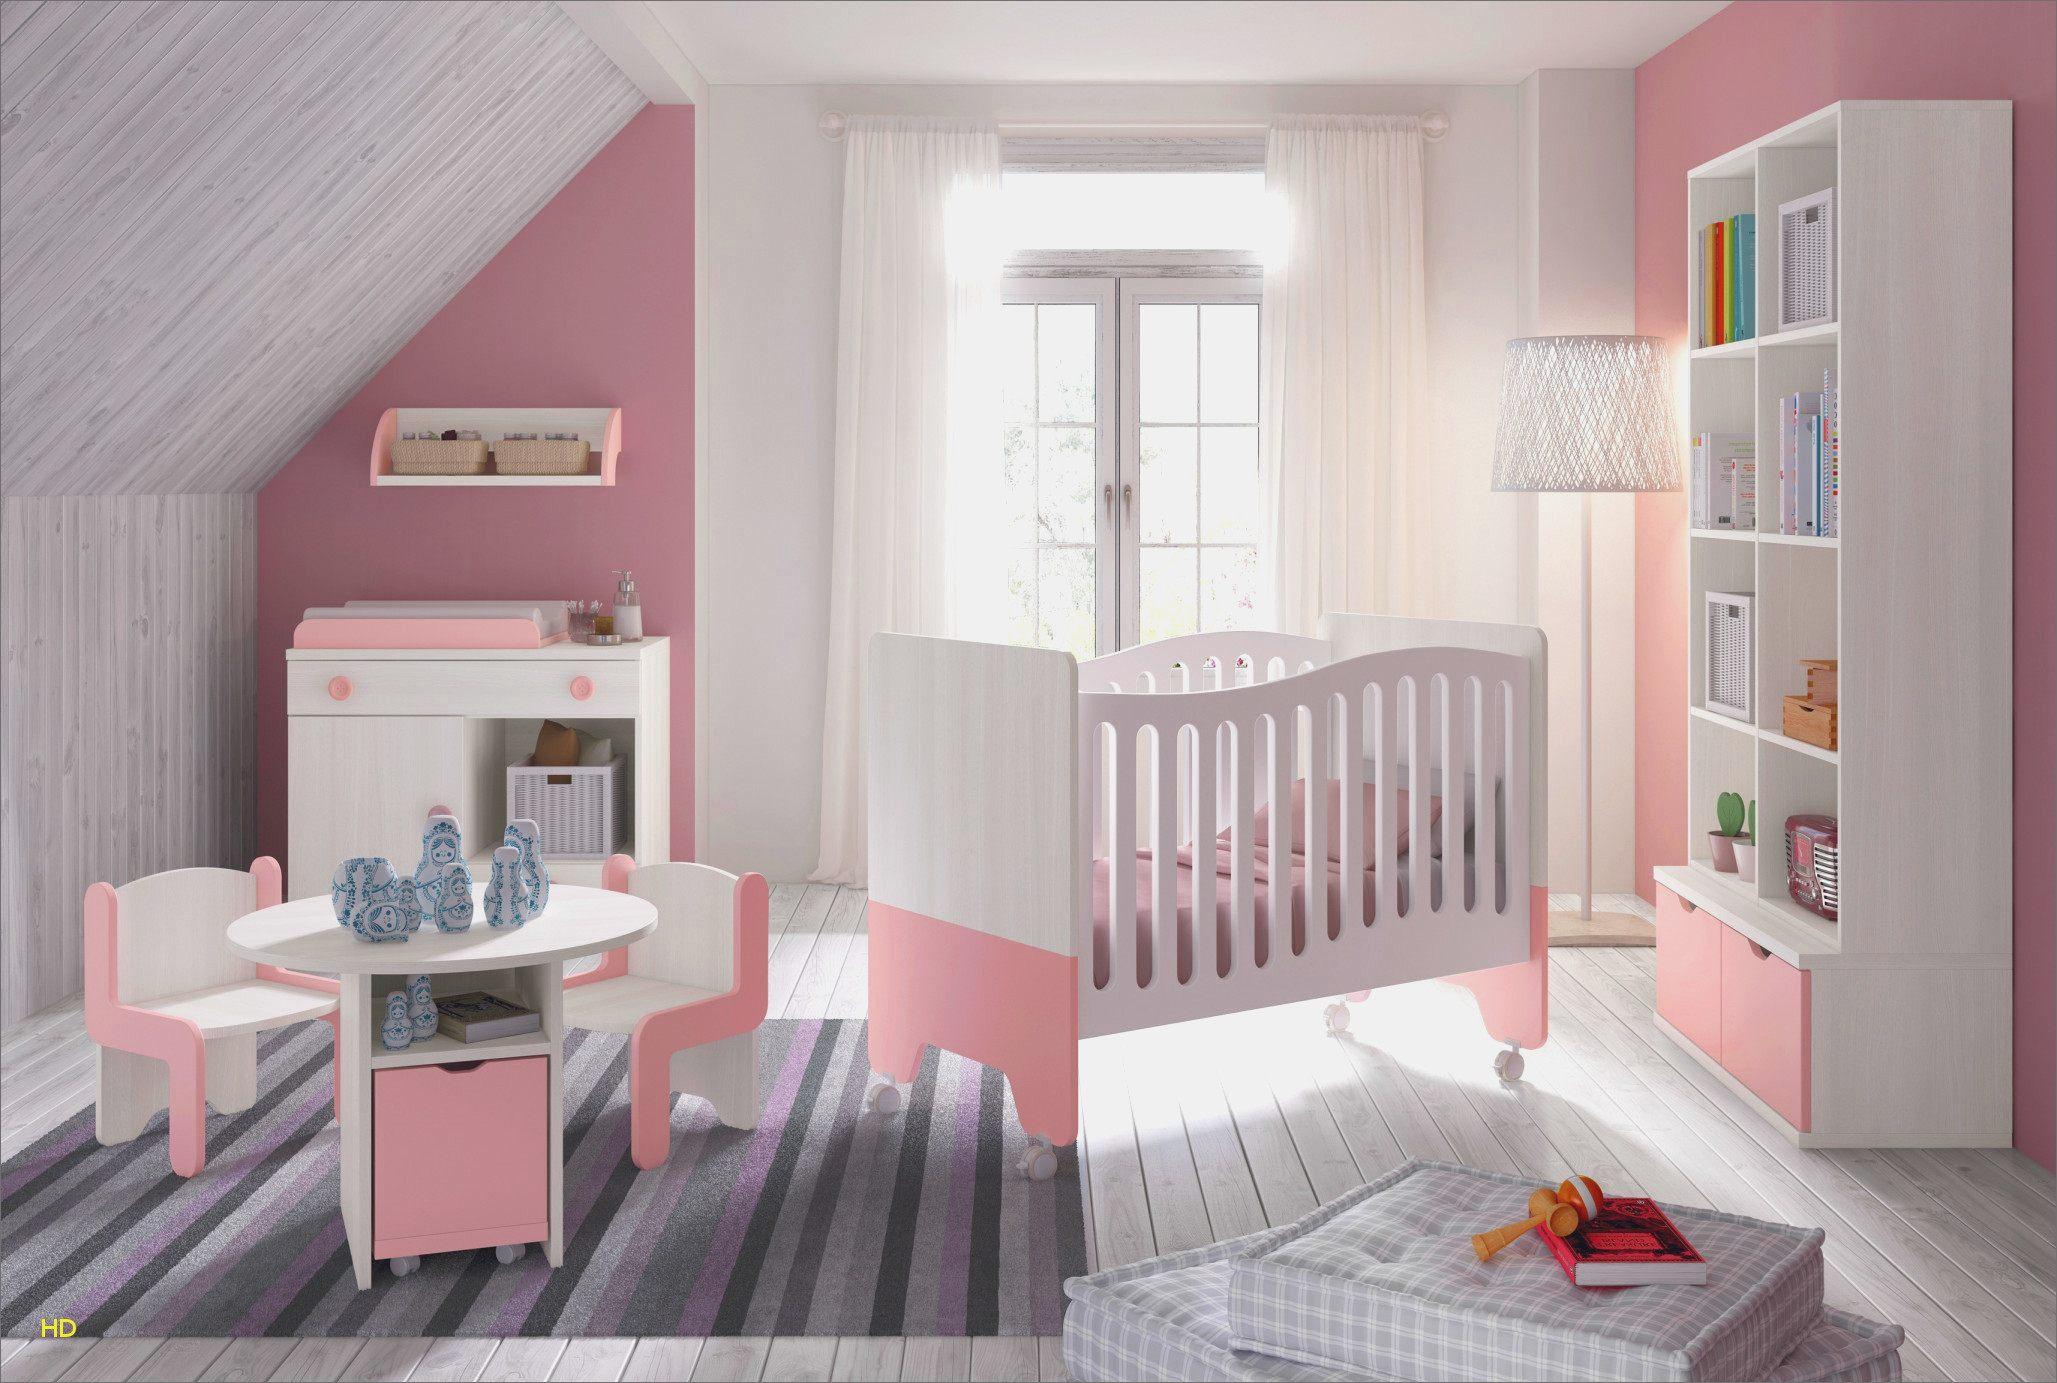 Lit De Voyage Bébé Agréable attirant Chaise Haute Bébé Fille Avec Chaise Haute Bébé Download